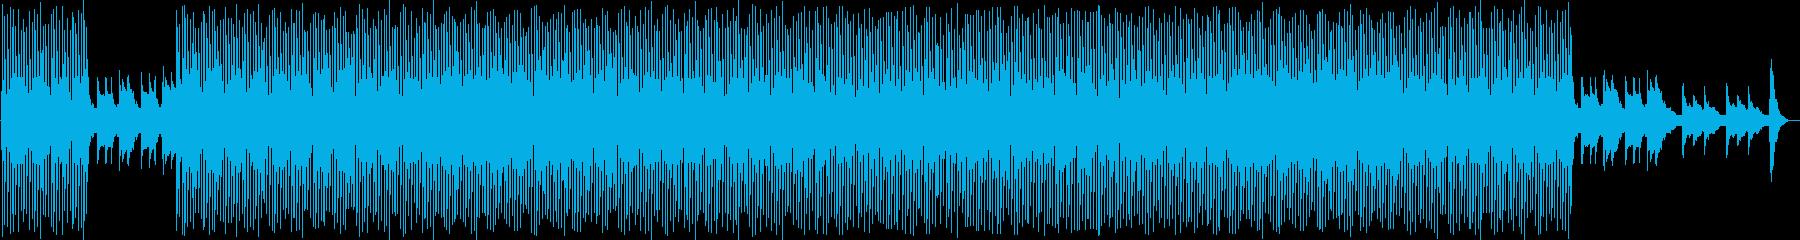 背景をポップします。 Nigfht...の再生済みの波形